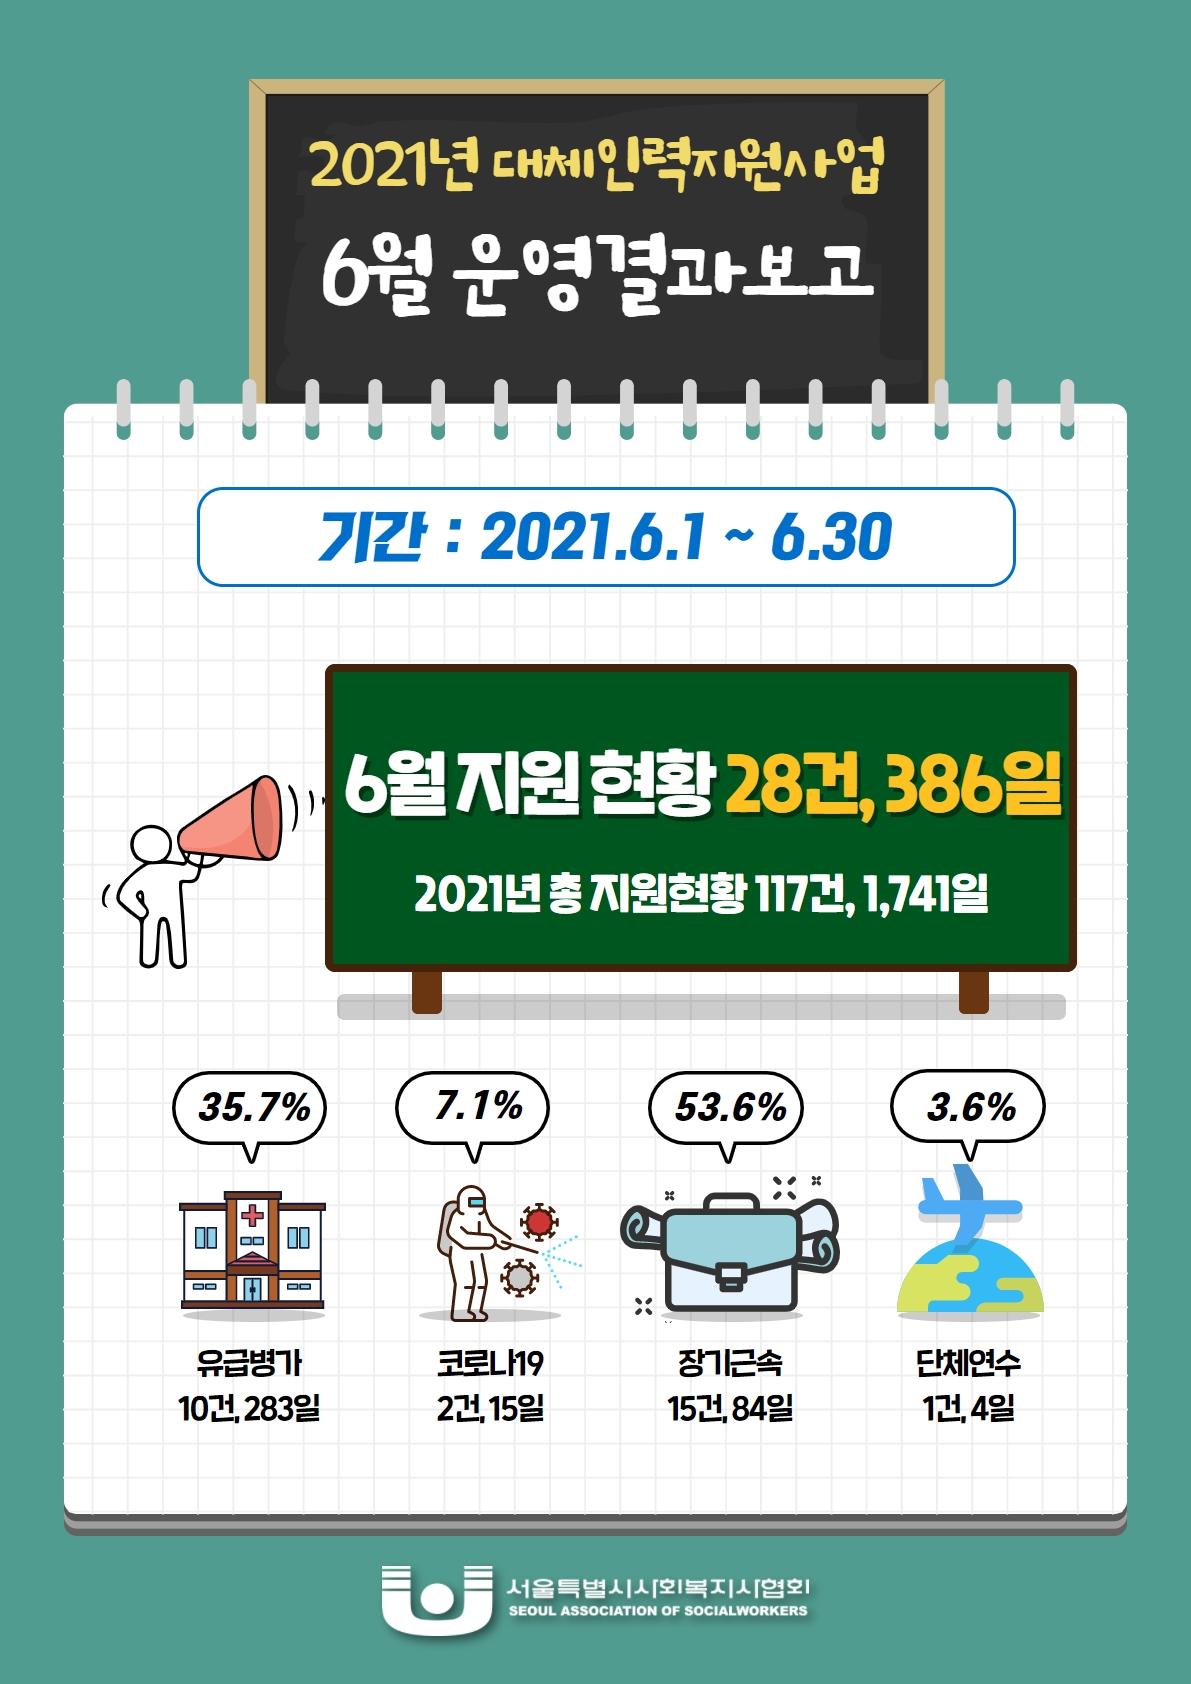 대체인력지원사업 6월 운영결과.jpg